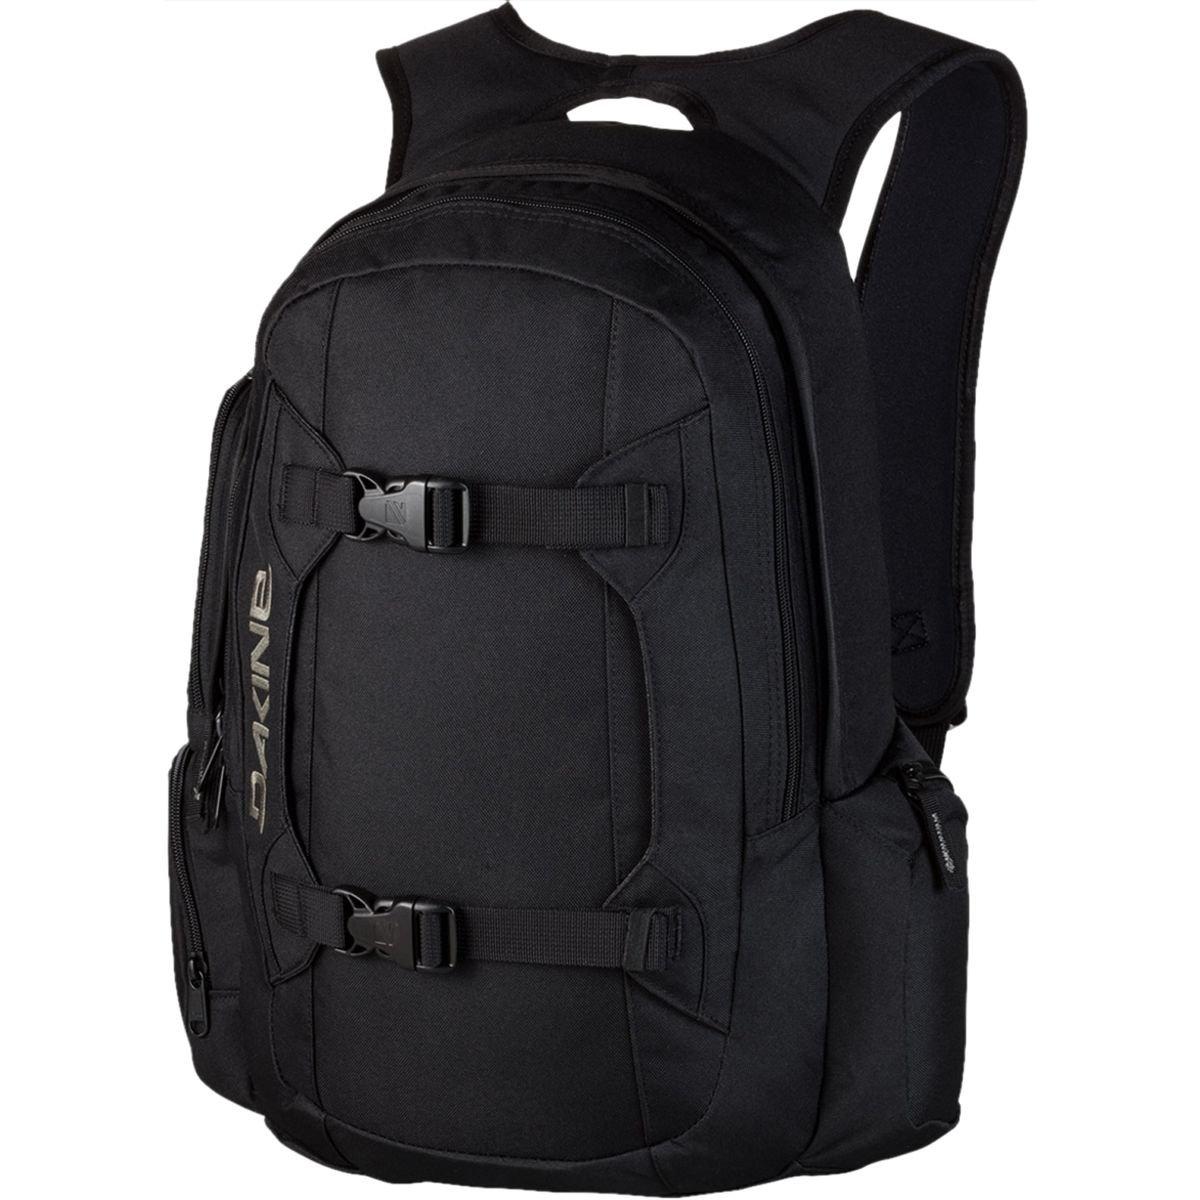 [ダカイン] メンズ バックパックリュックサック Mission 25L Backpack [並行輸入品] No-Size  B07BVTJ3C7